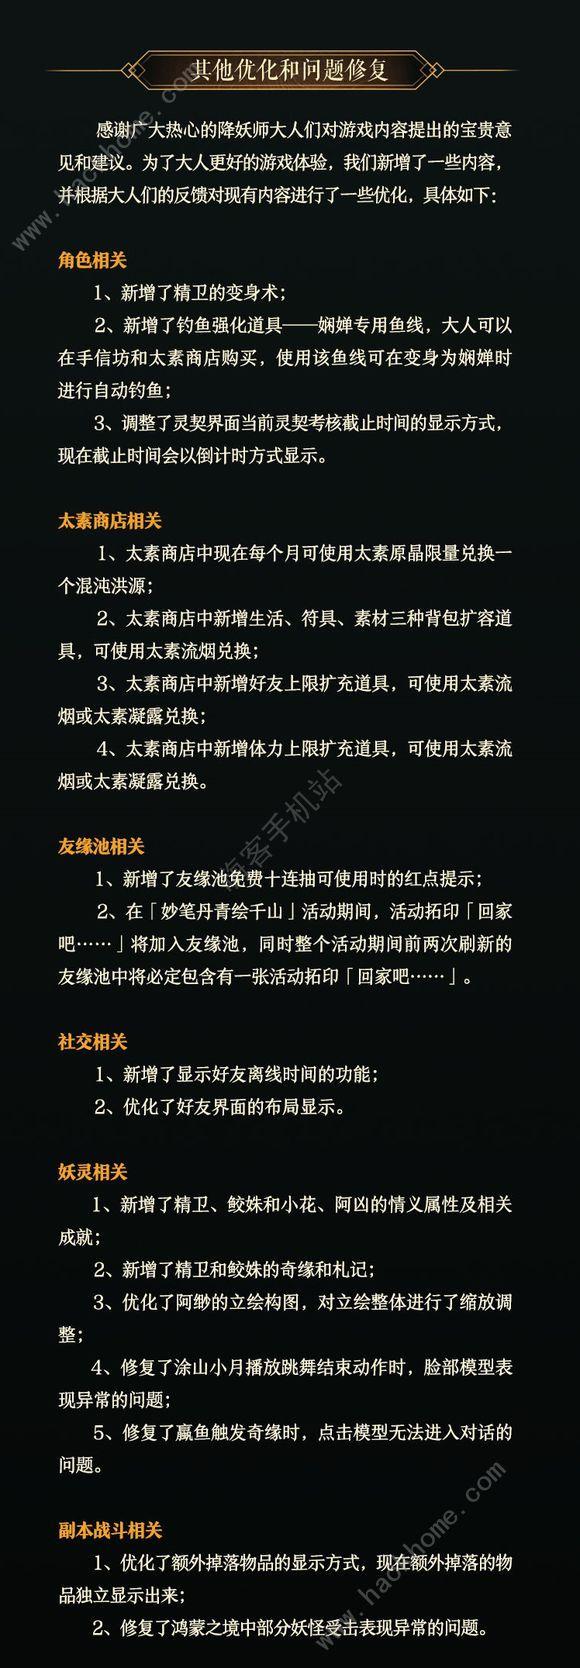 神都夜行录1月11日更新公告 新SR妖灵精卫-鲛姝上线[多图]图片2